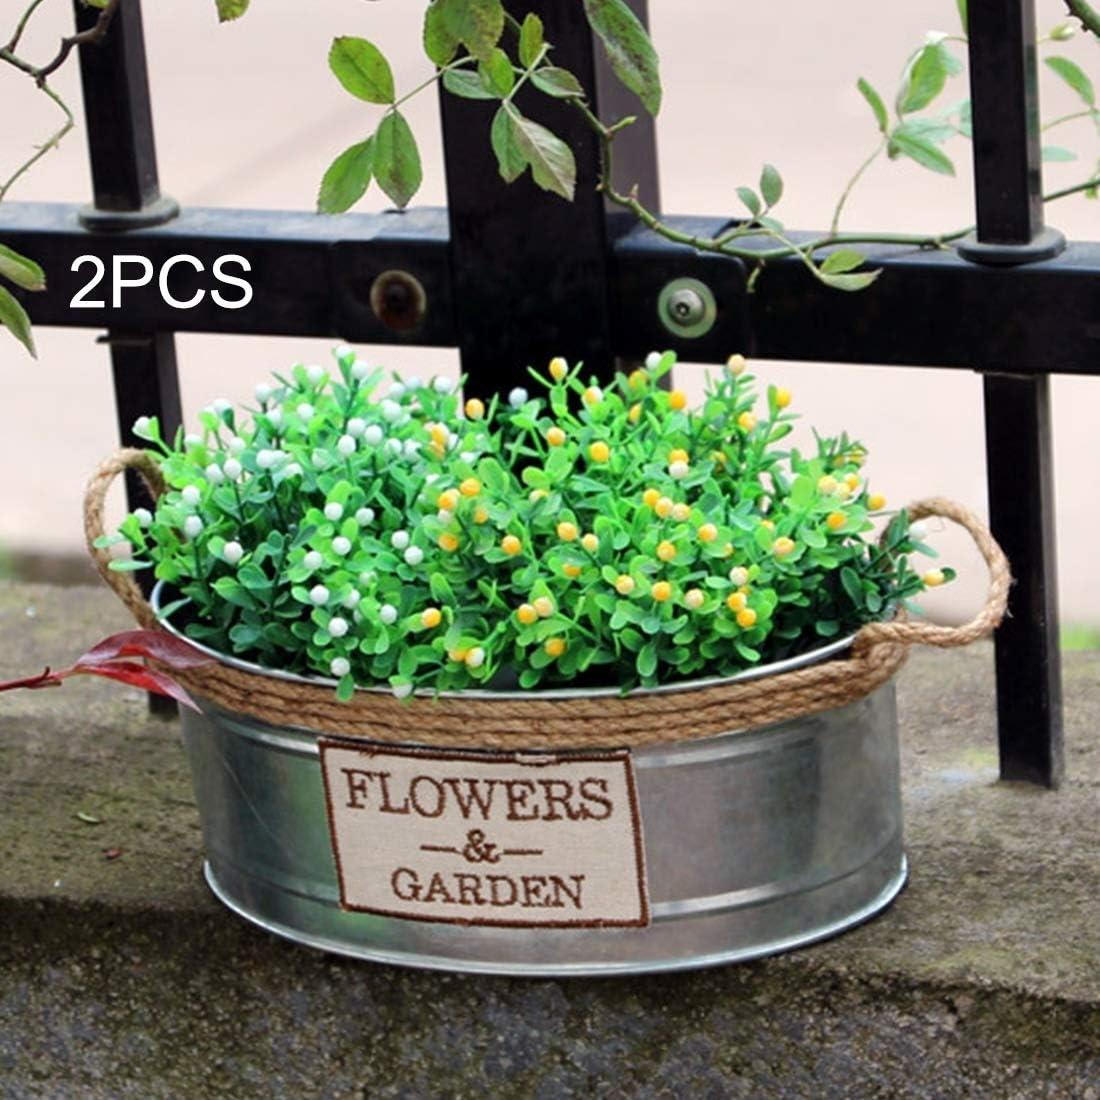 Lanbinxiang@ Barriles de hierro Retro Bucket Metal Mini Bucket Craft Floral Pot , Gran Tamaño 2PCS jardinería